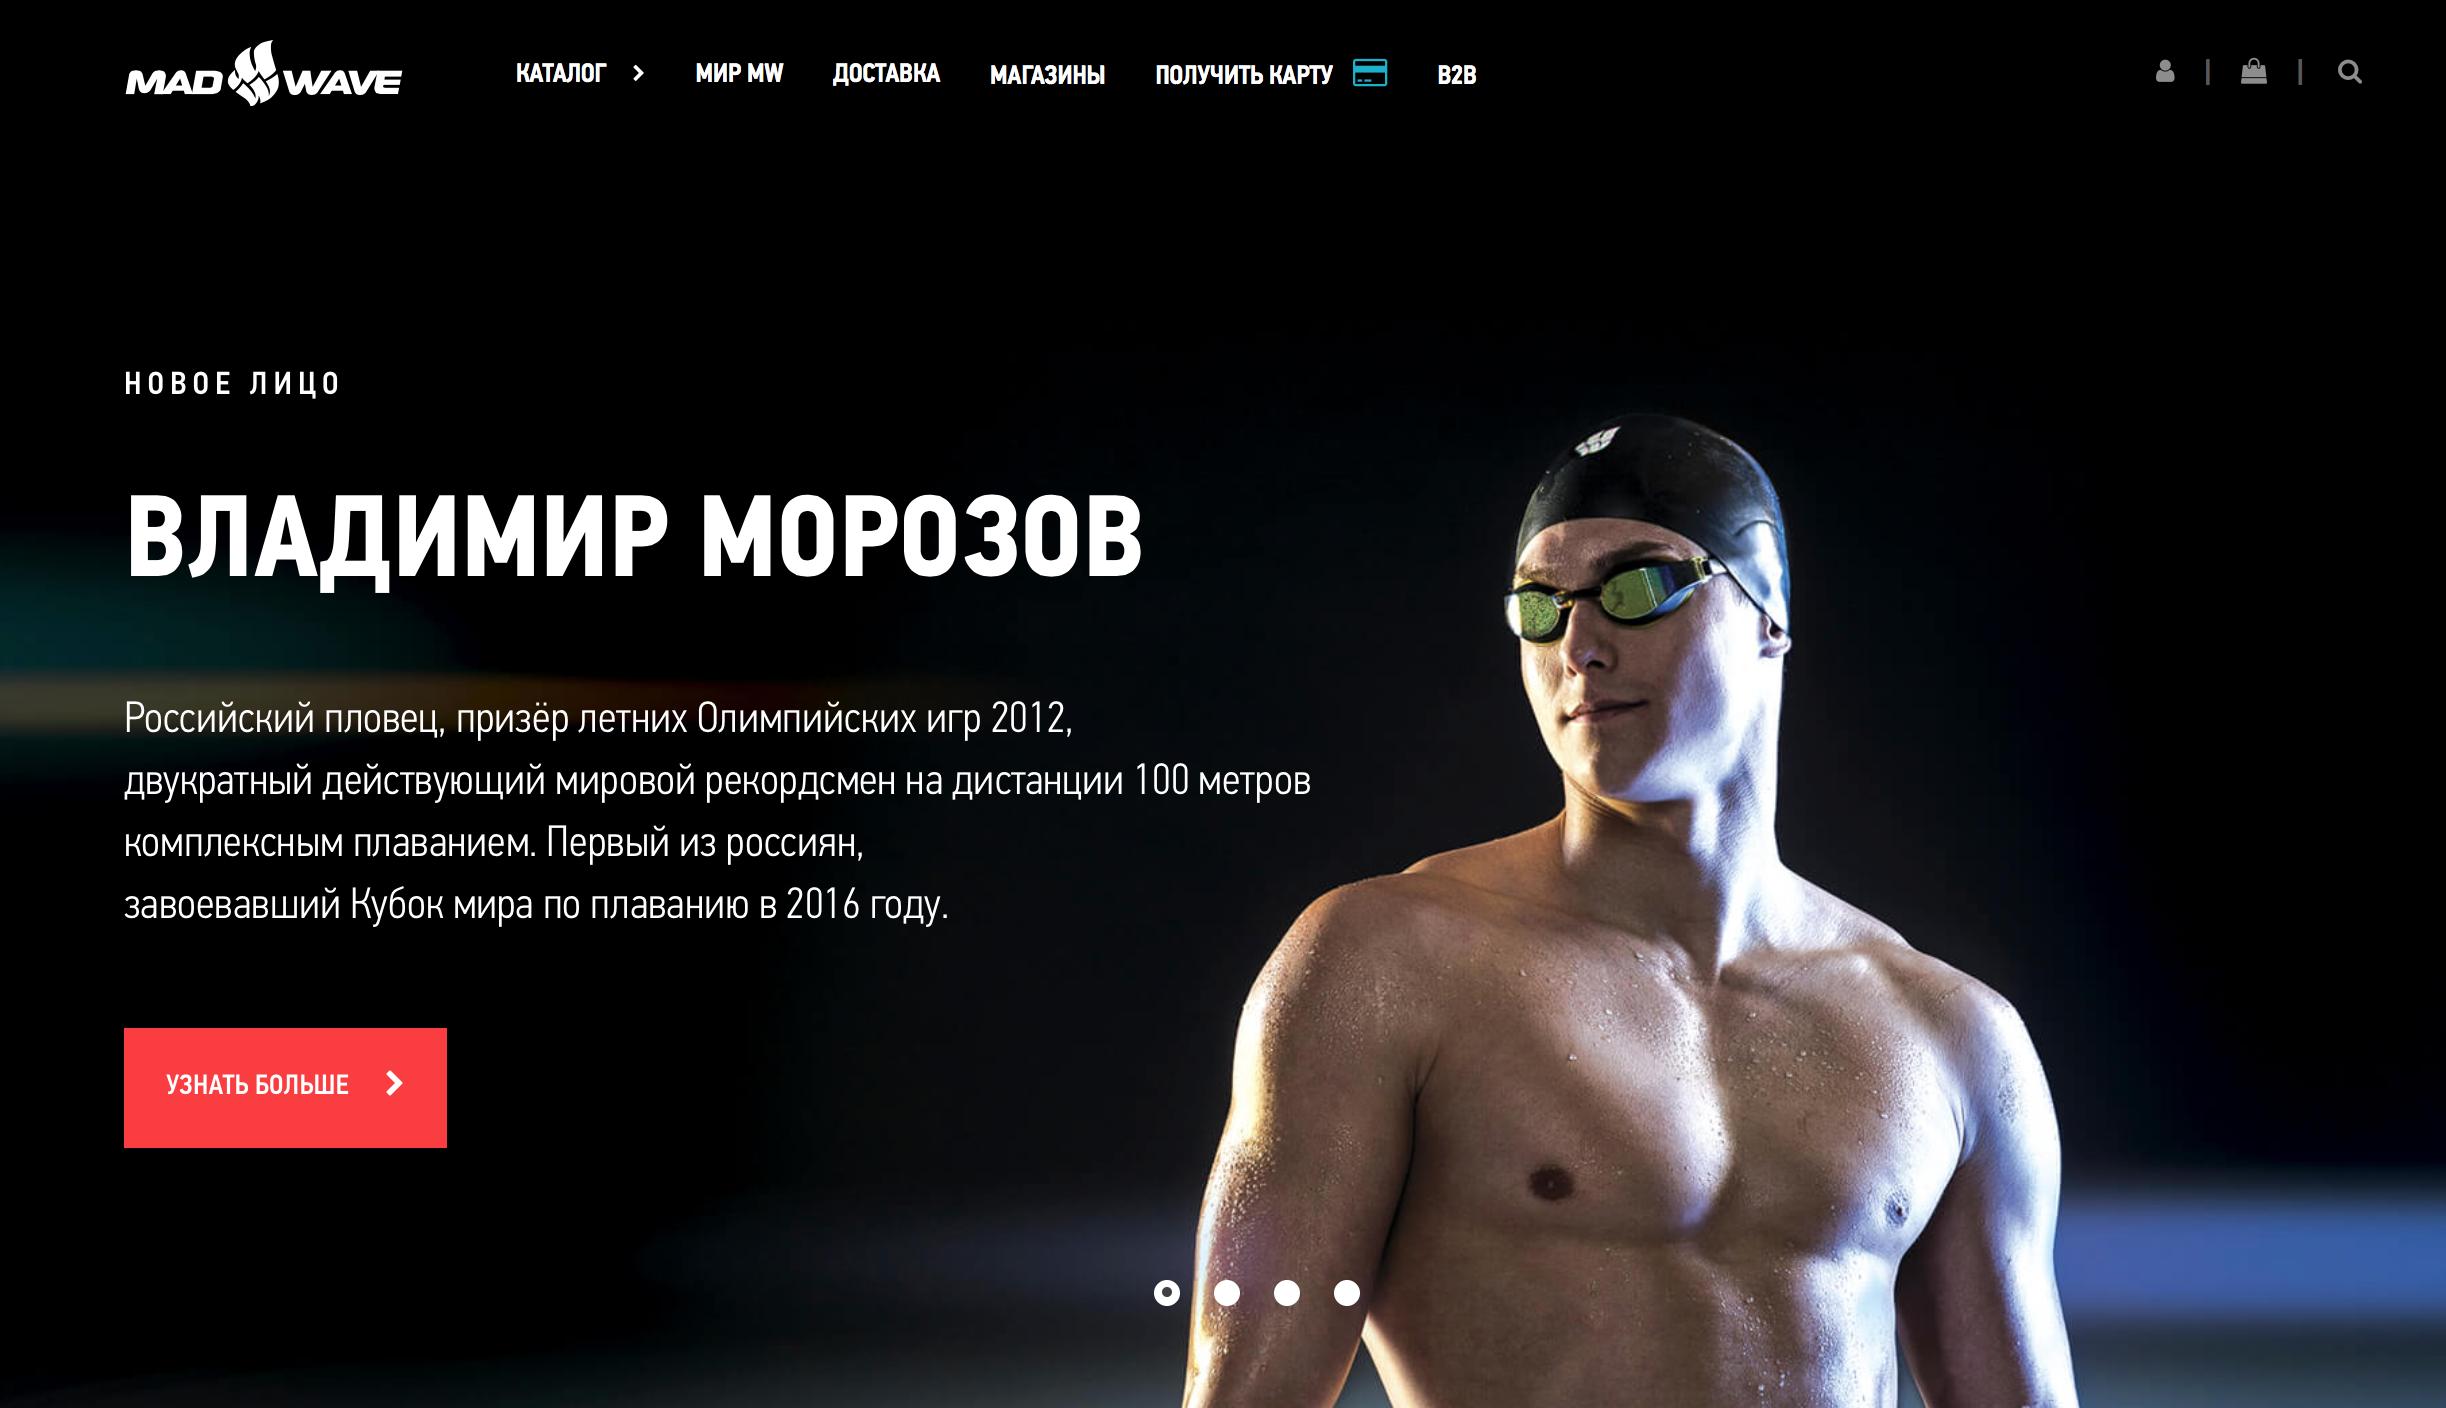 Участие в разработке Madwave.ru (интернет-магазин)